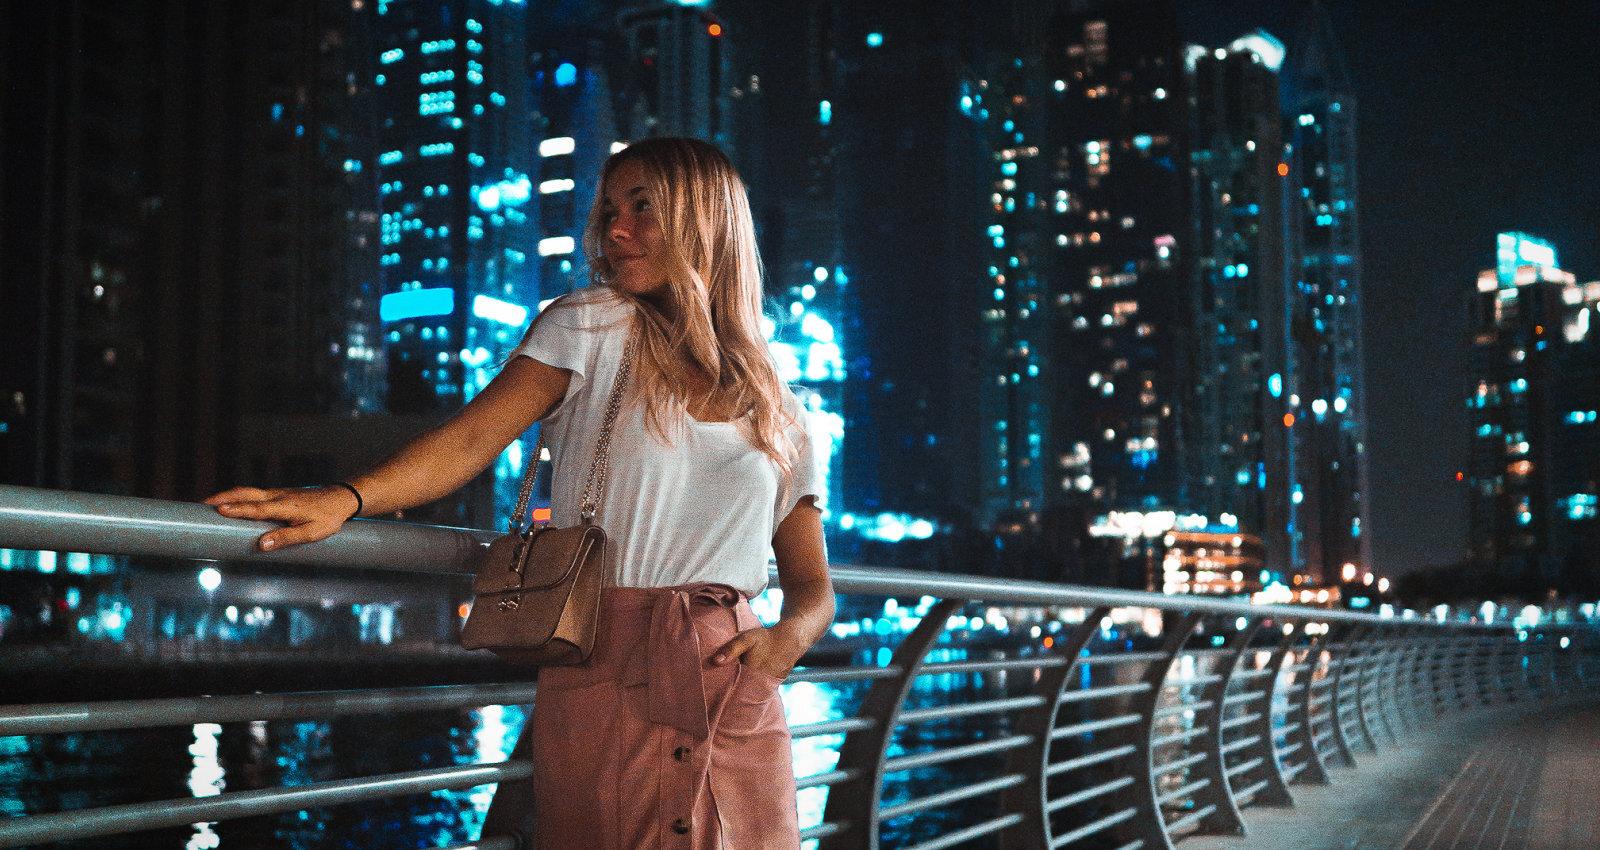 Kad ceļošana pamudina blogot. Pasaules izzinātājas Signes stāsts